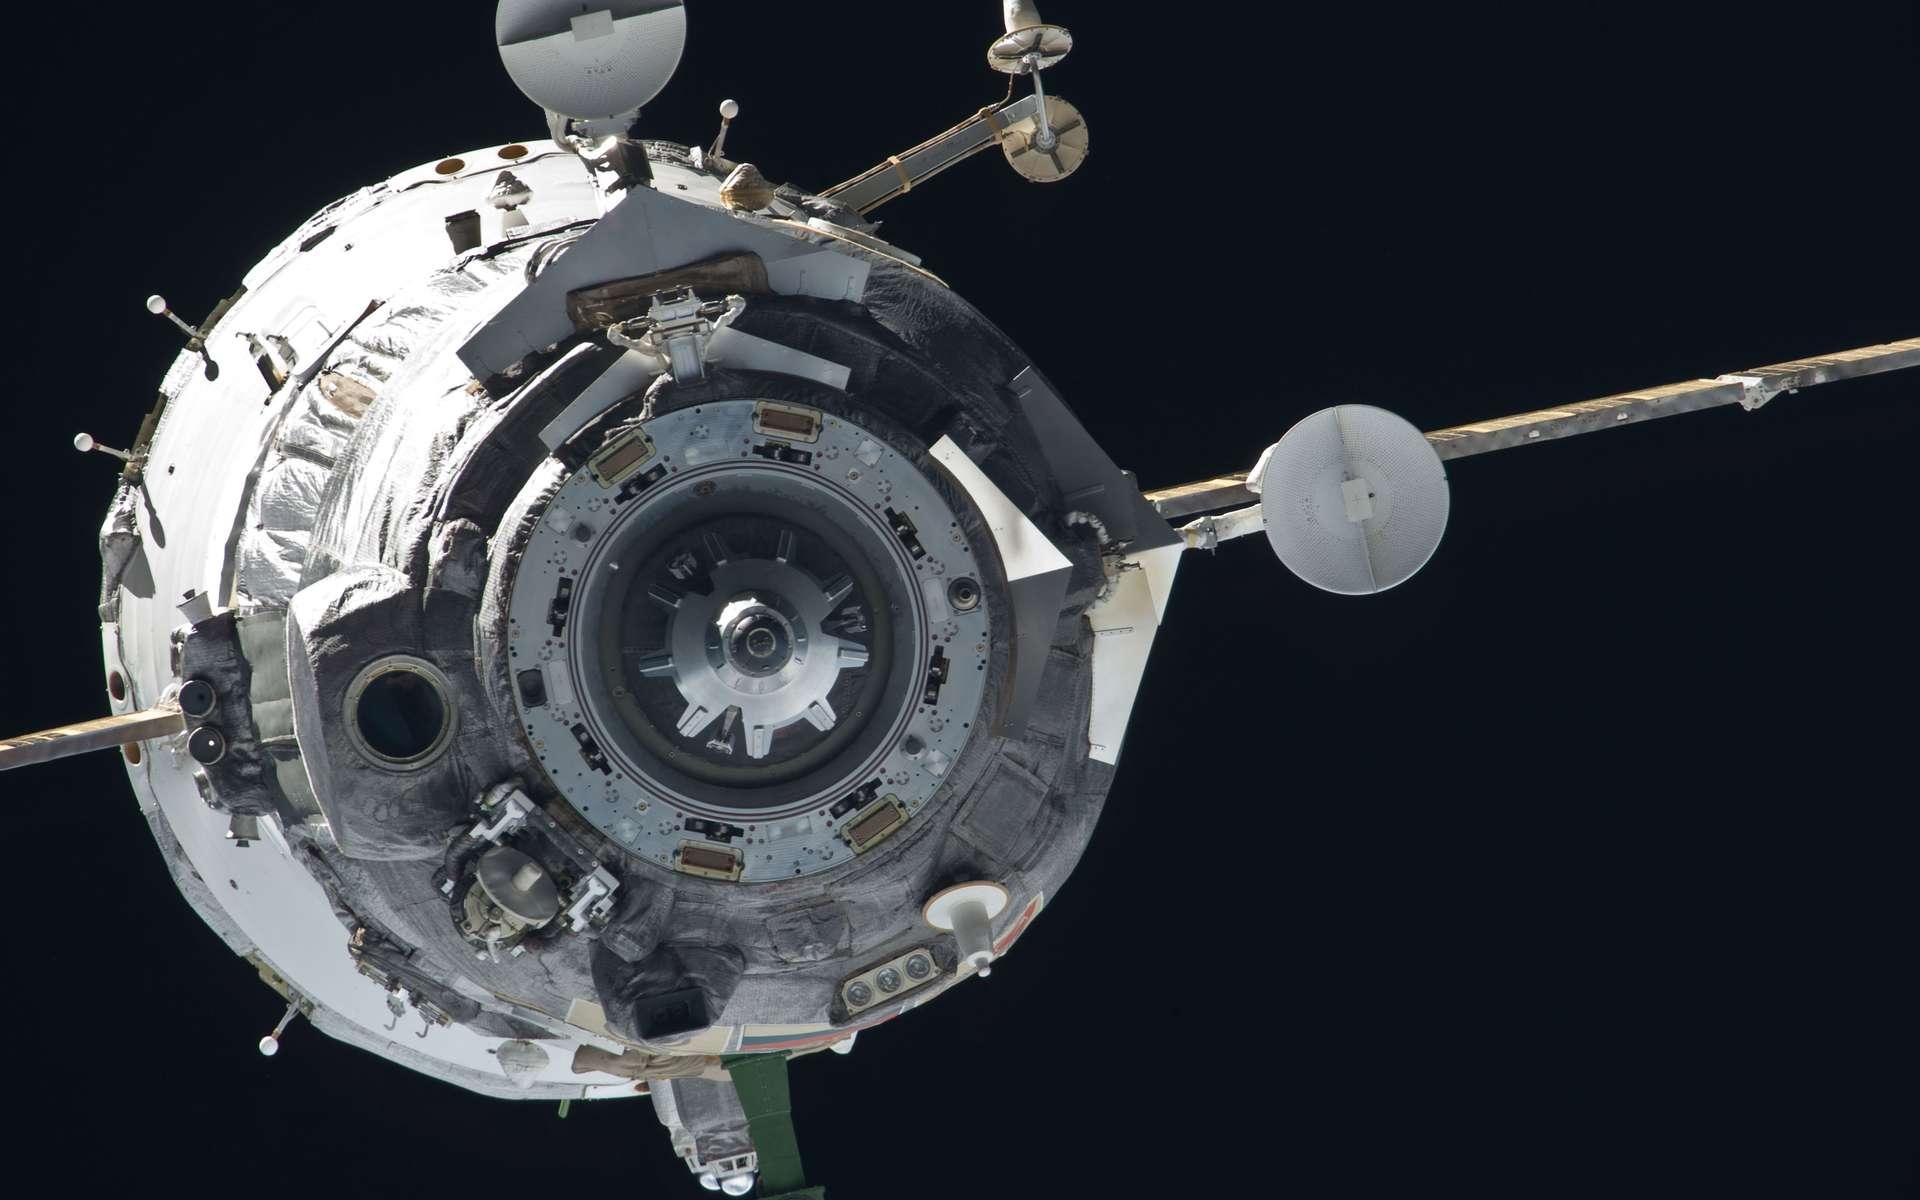 Moins d'un mois après la décision de suspendre les vols habités vers l'ISS, la situation s'éclaircit avec la décision russe de les reprendre. Du coup, le retour d'orbite ce vendredi de trois astronautes se fera dans un climat apaisé. © Nasa